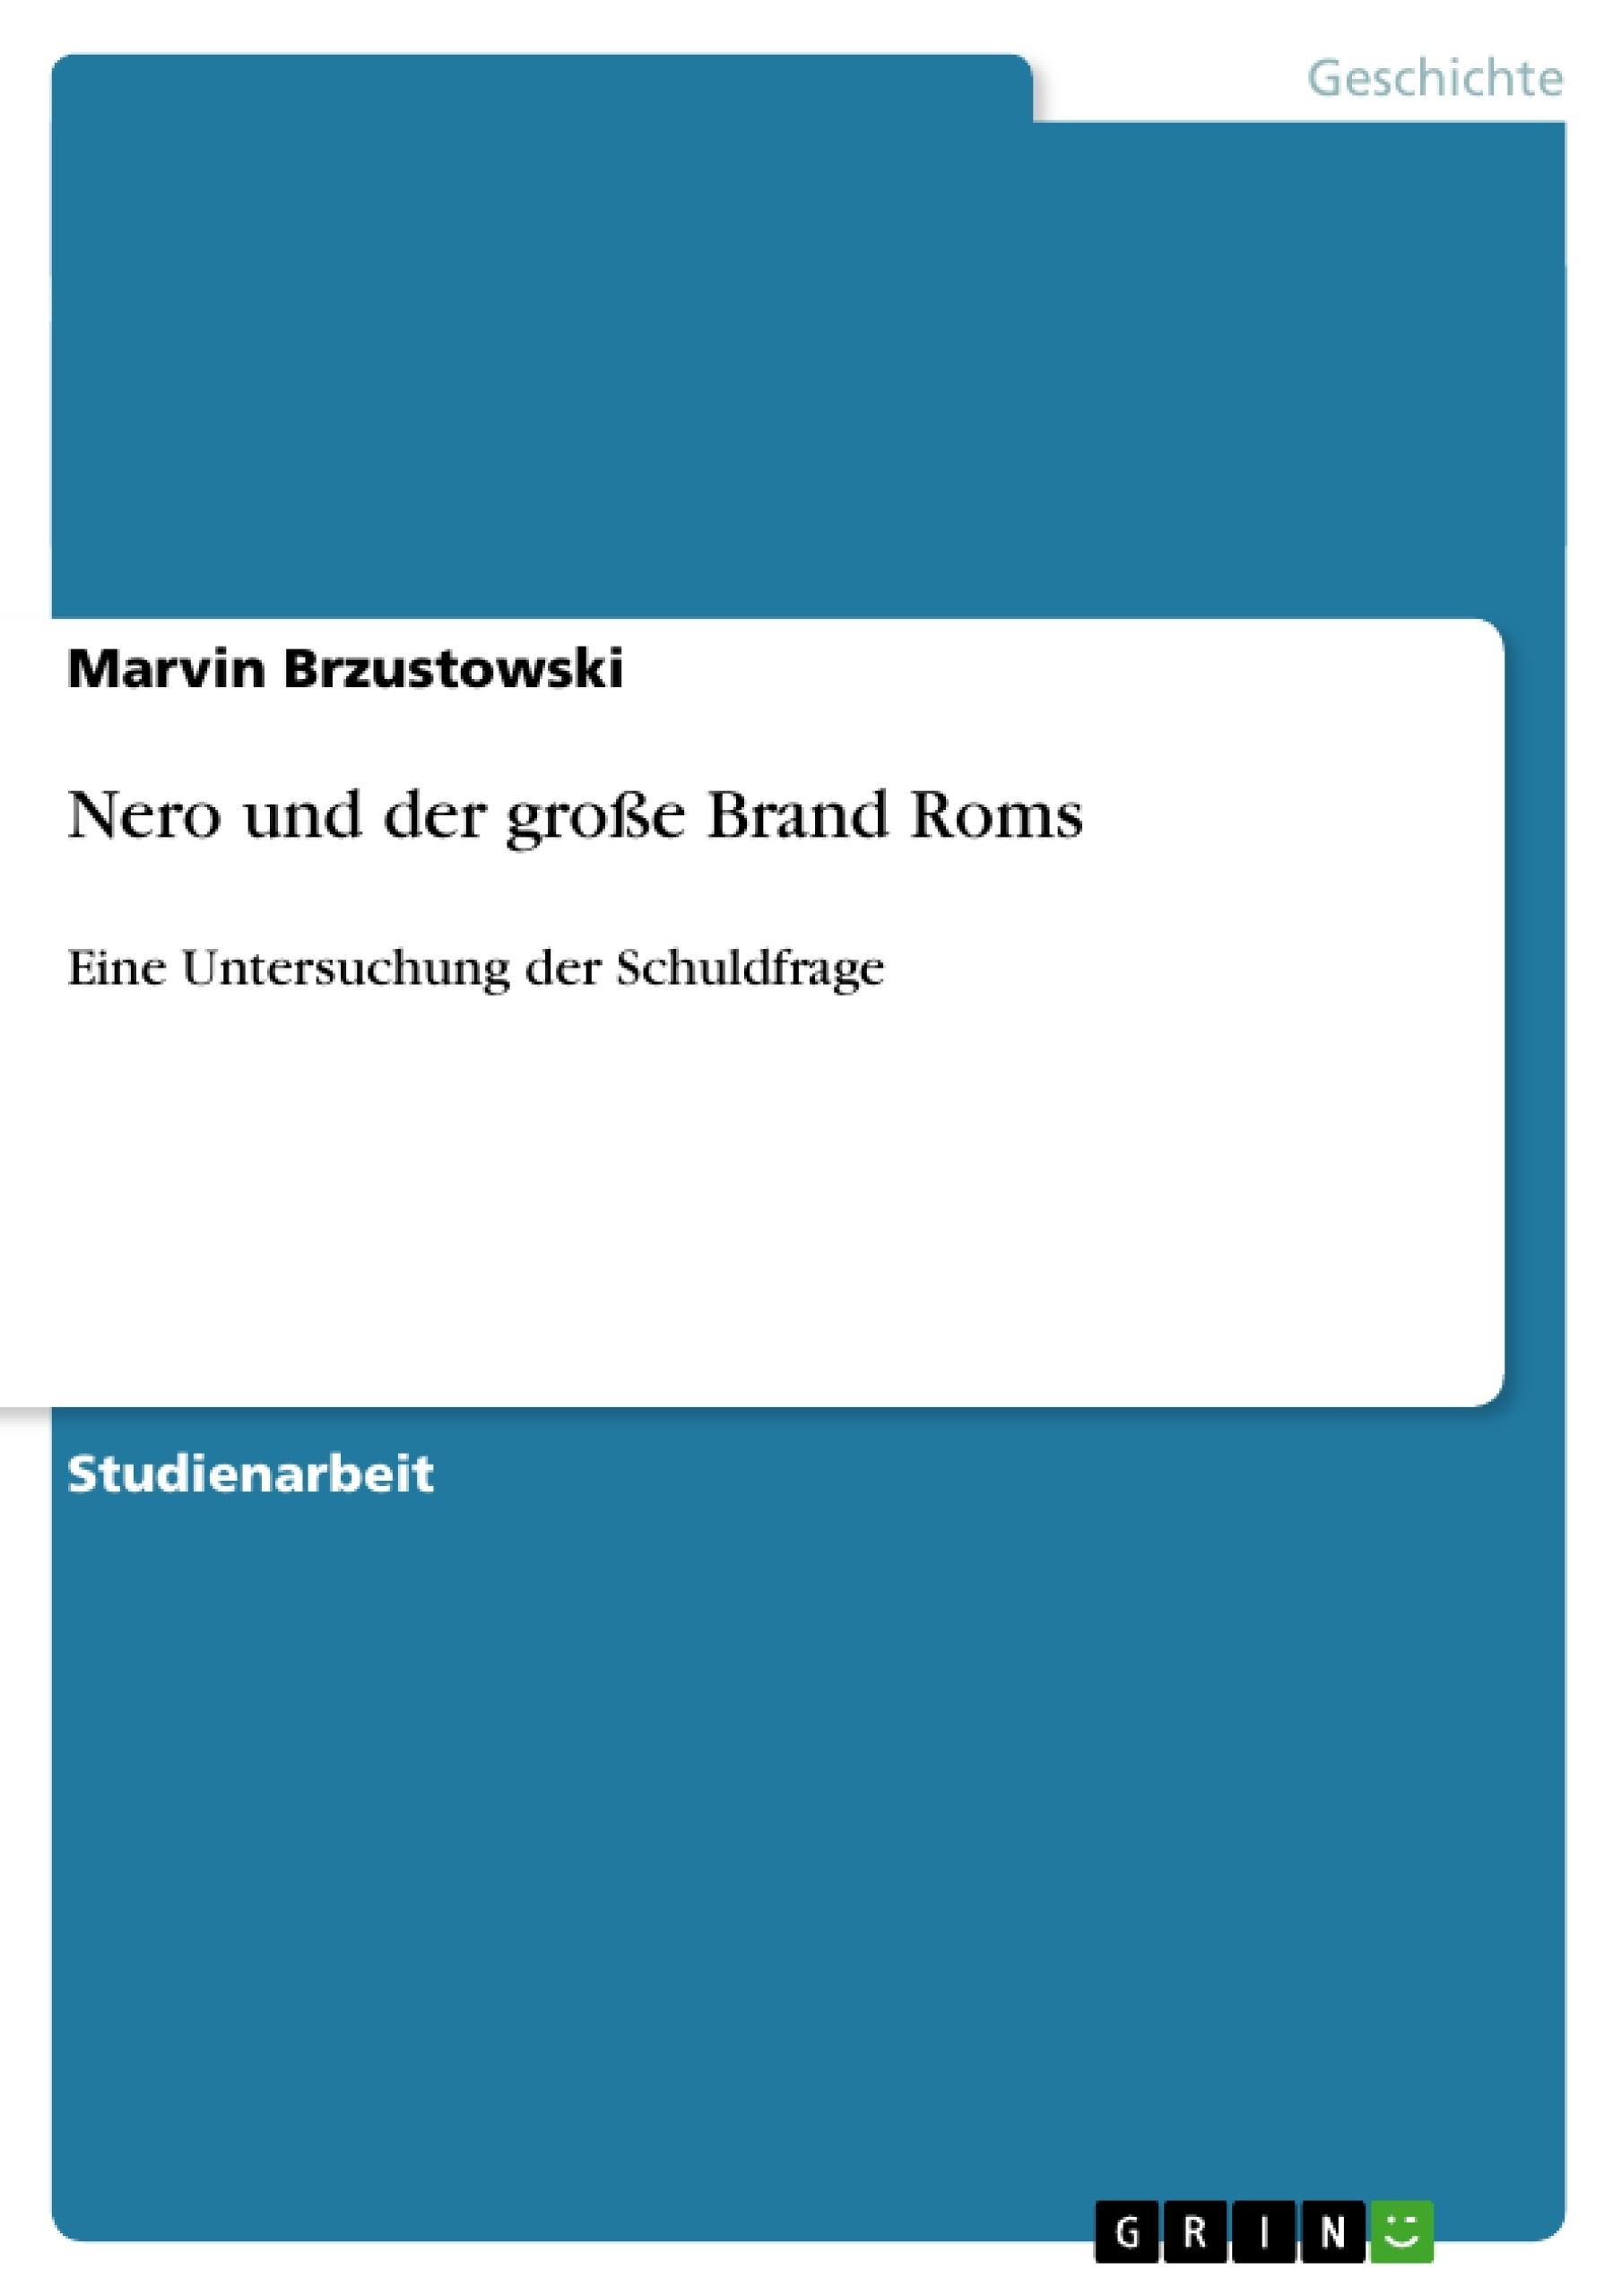 Titel: Nero und der große Brand Roms